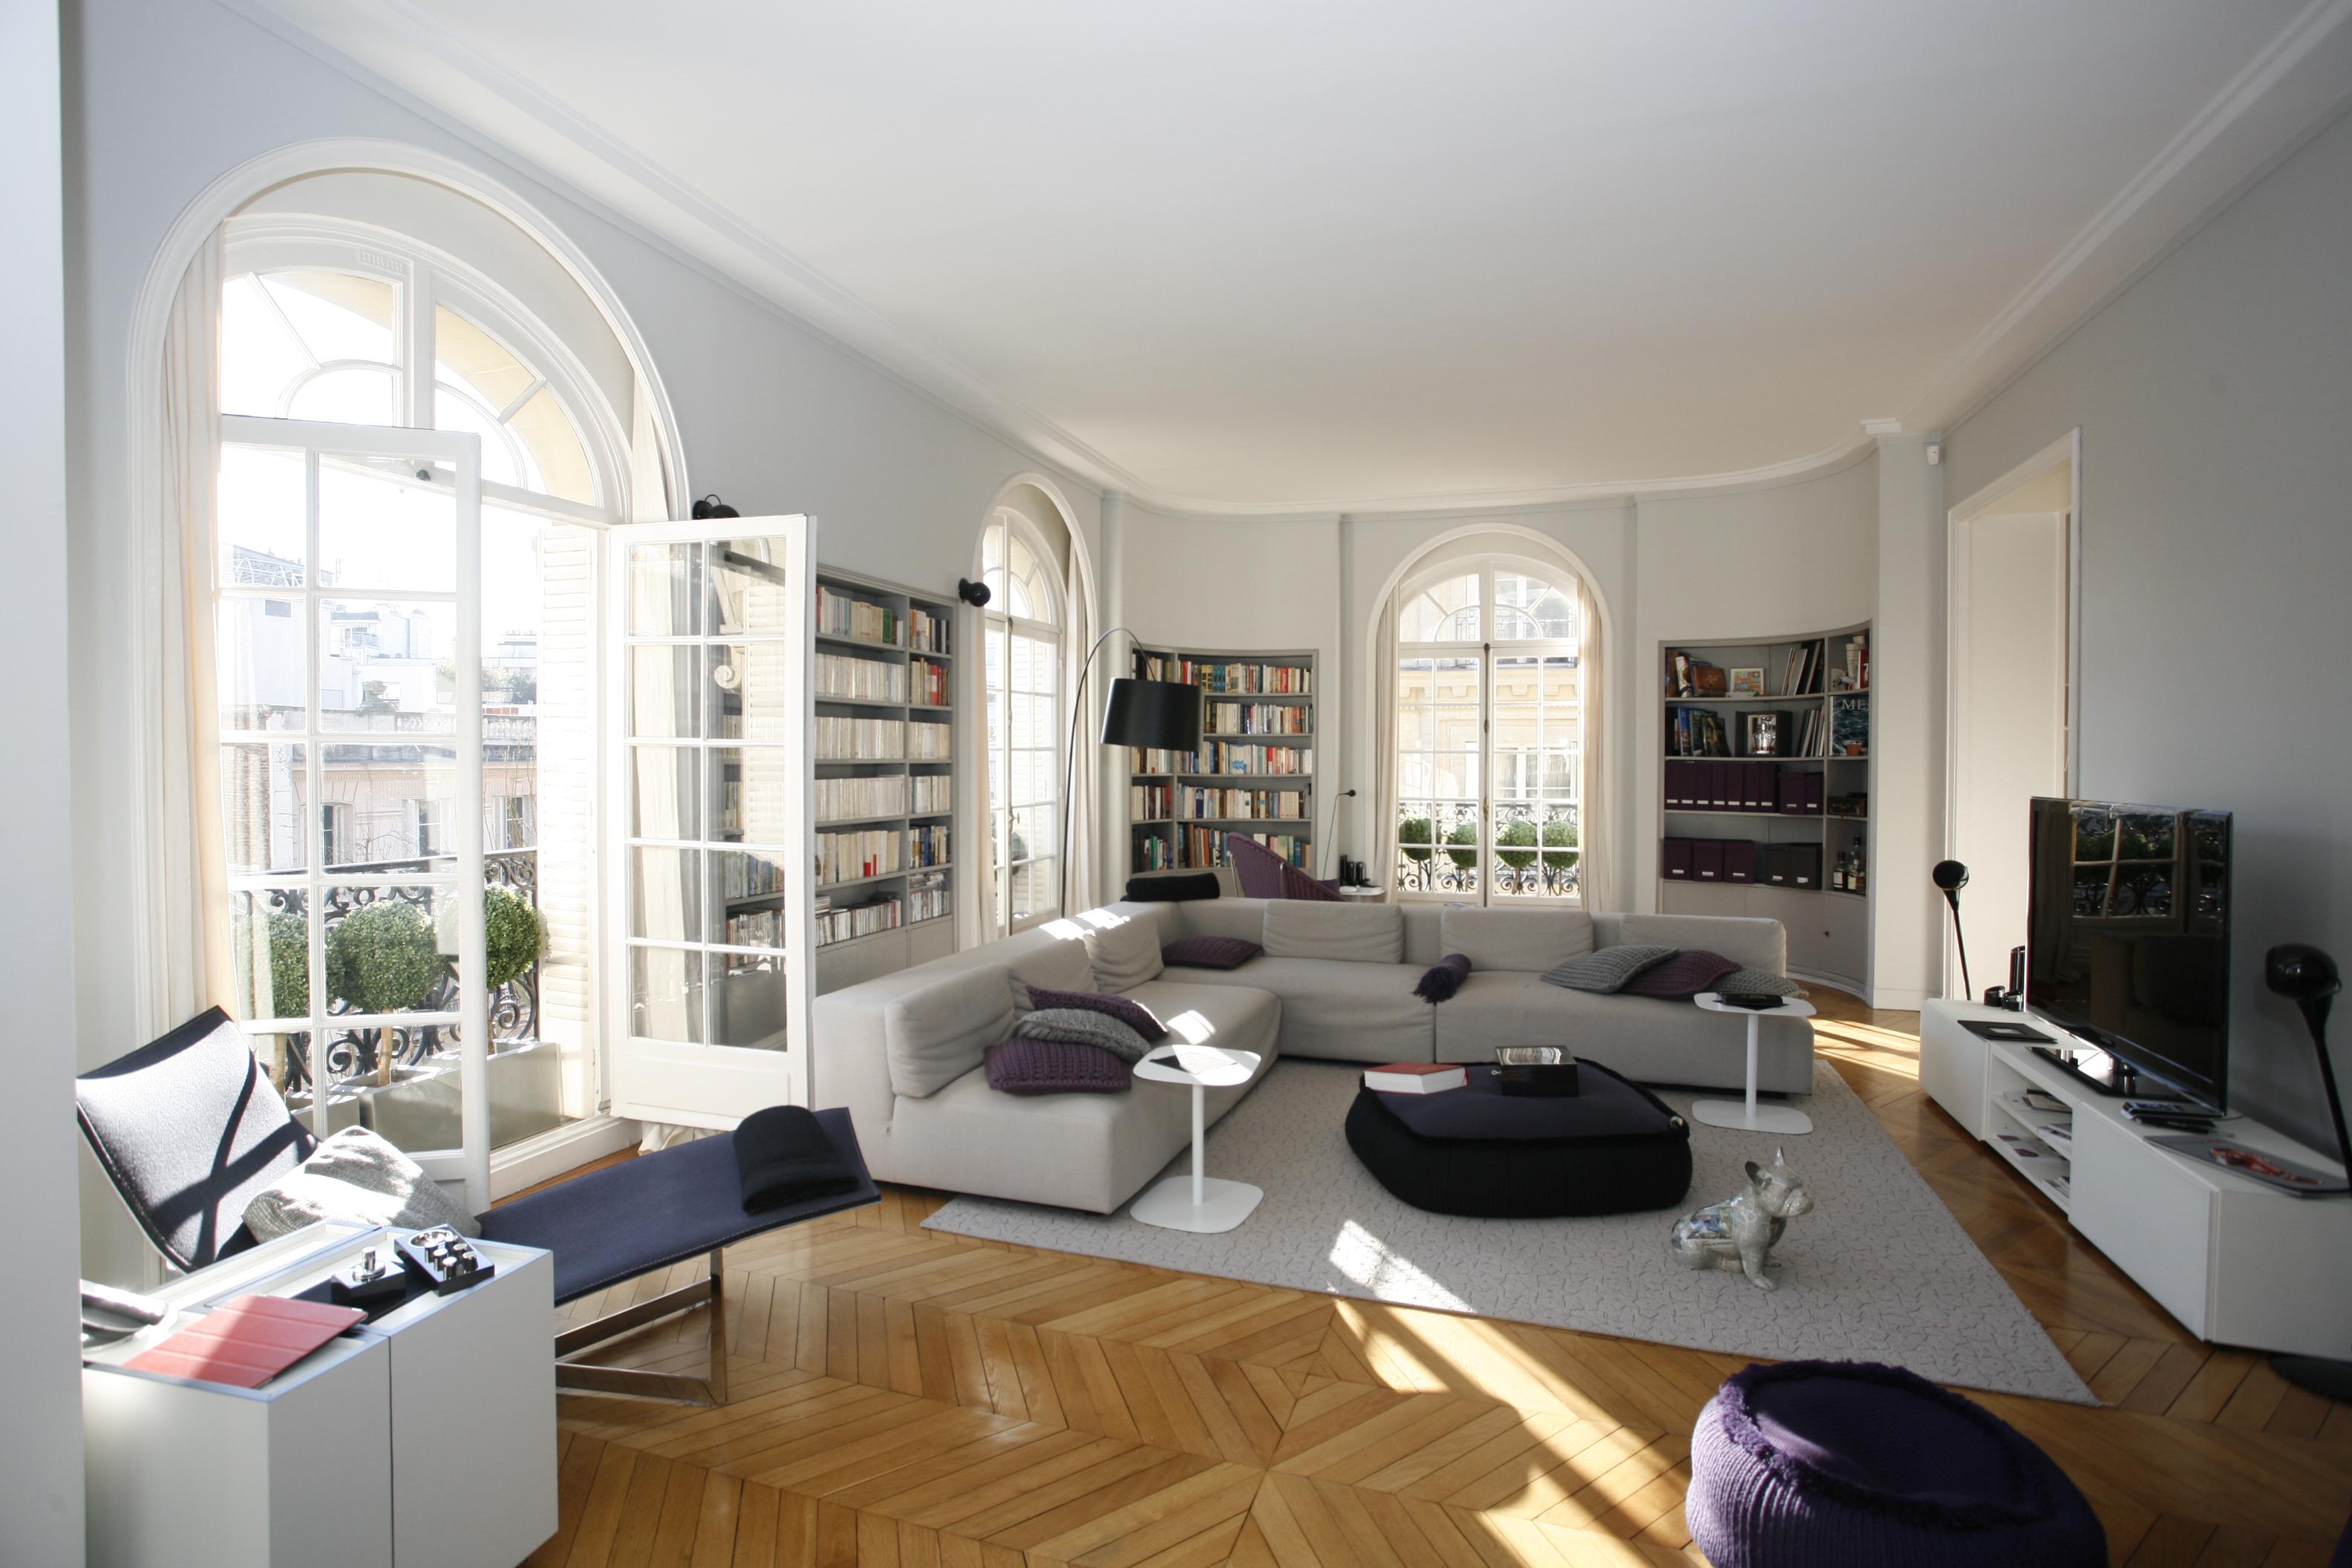 Achat investissement rendement nos experts en immobilier vous conseillent - Comment se passe une location vente d une maison ...